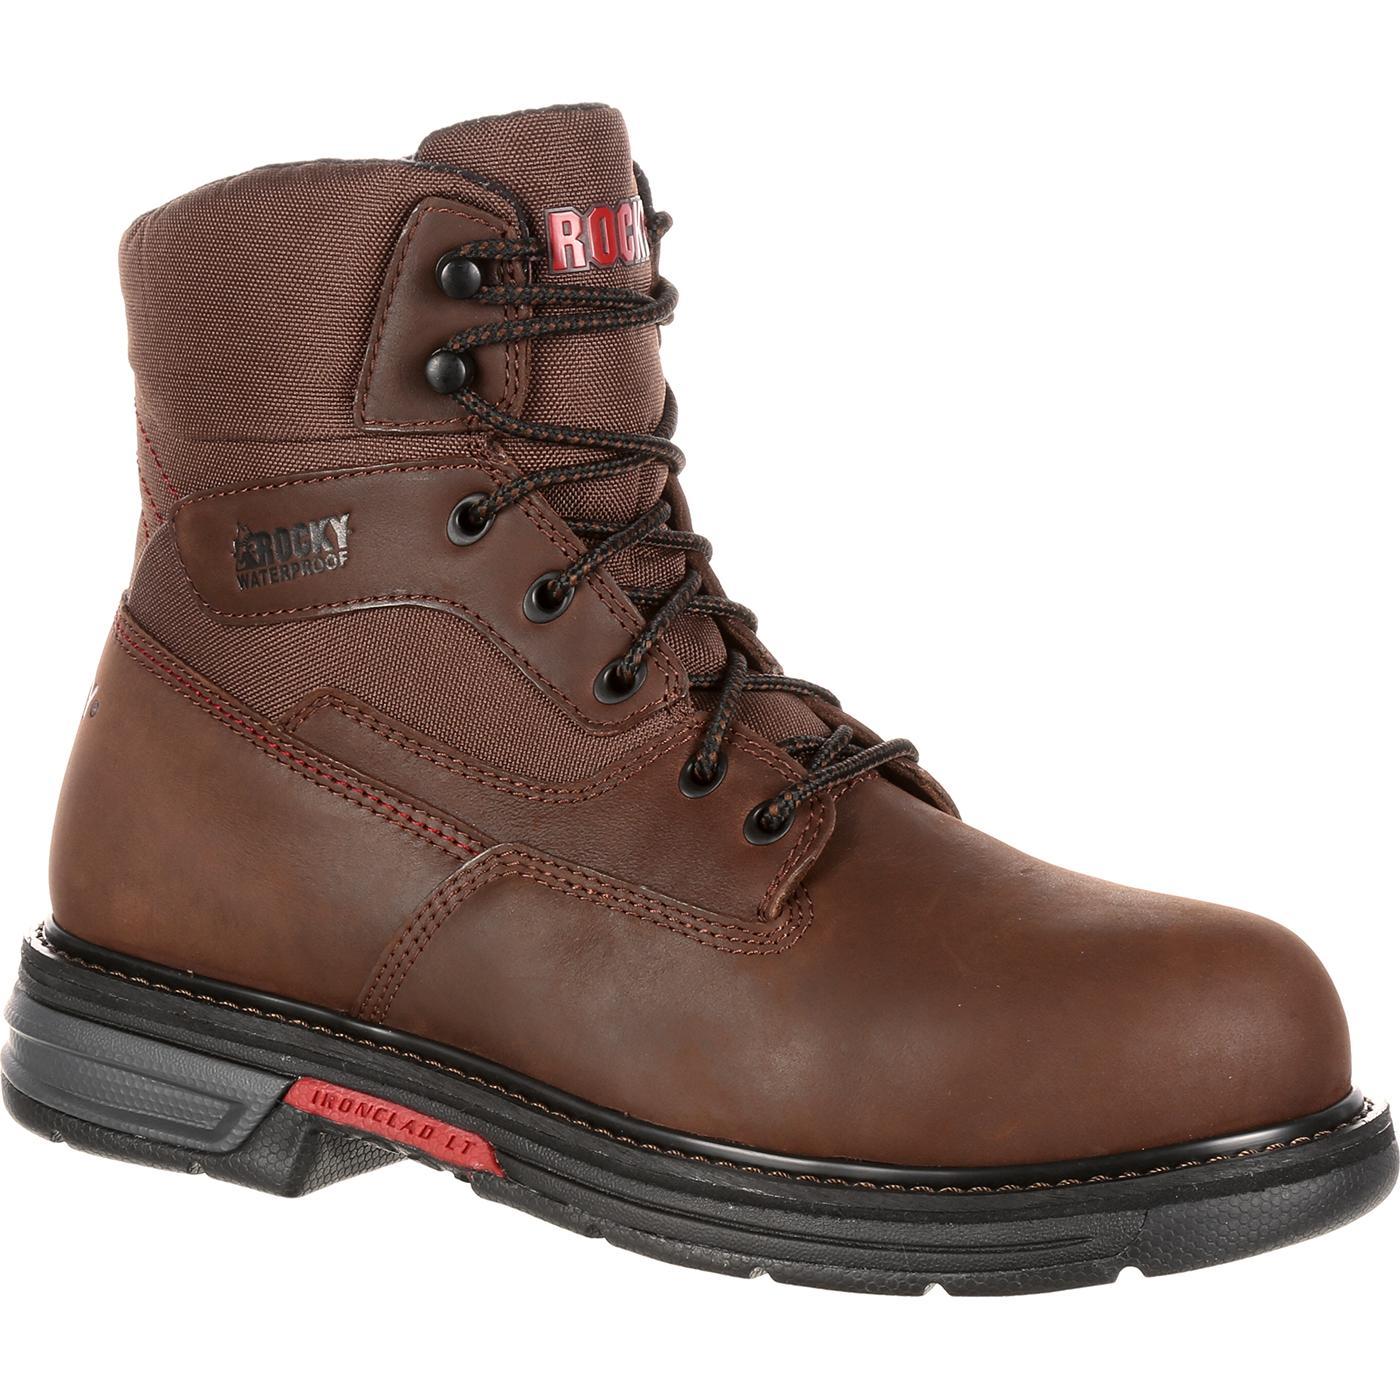 a8ebd34cc53 Rocky Ironclad LT Steel Toe Waterproof Work Boot